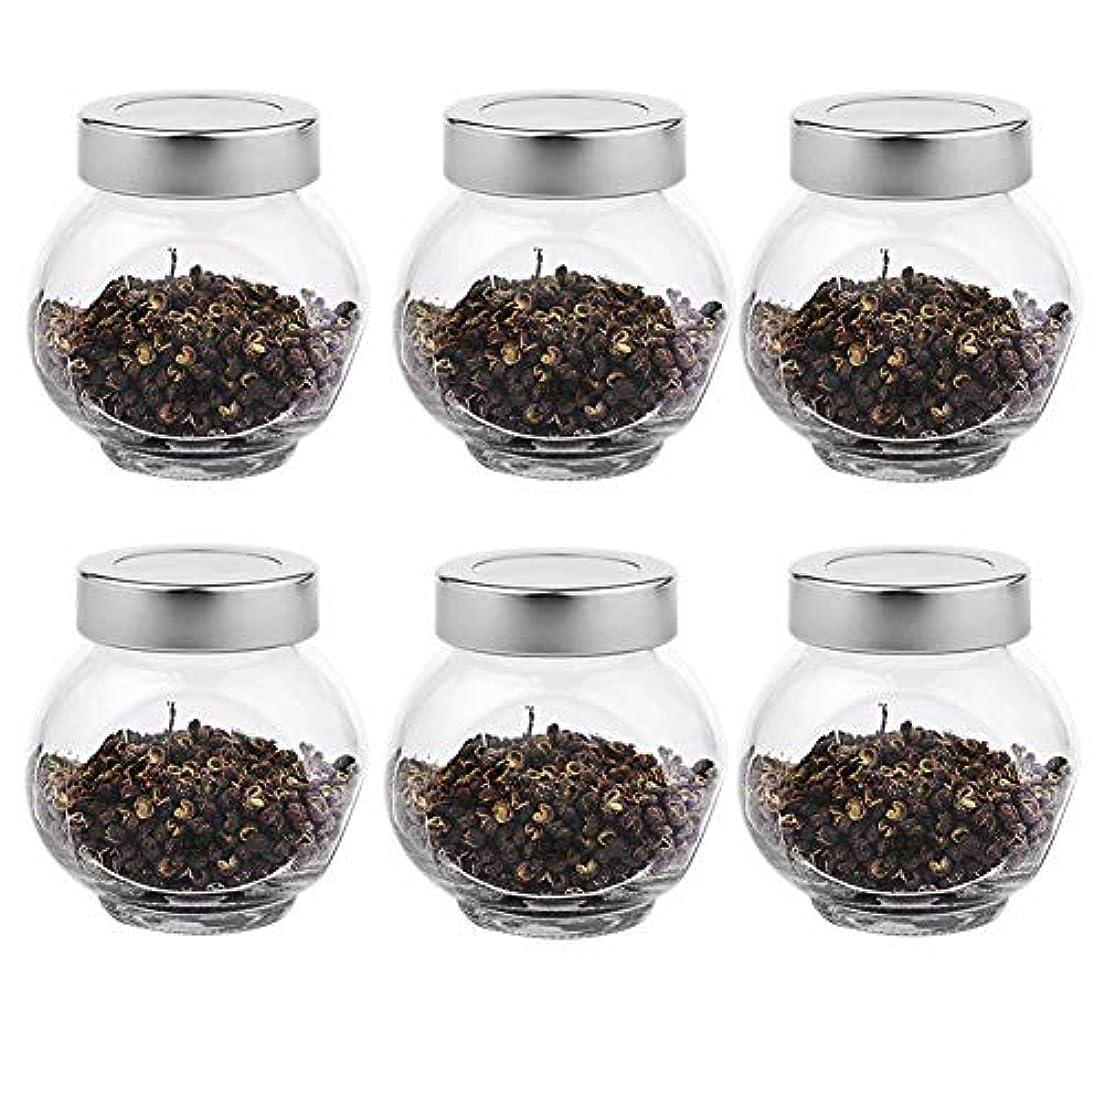 フィールド炭素アンカー6つの透明ガラス貯蔵容器茶/季節密封缶(200 ml)の貯蔵ジャーパック